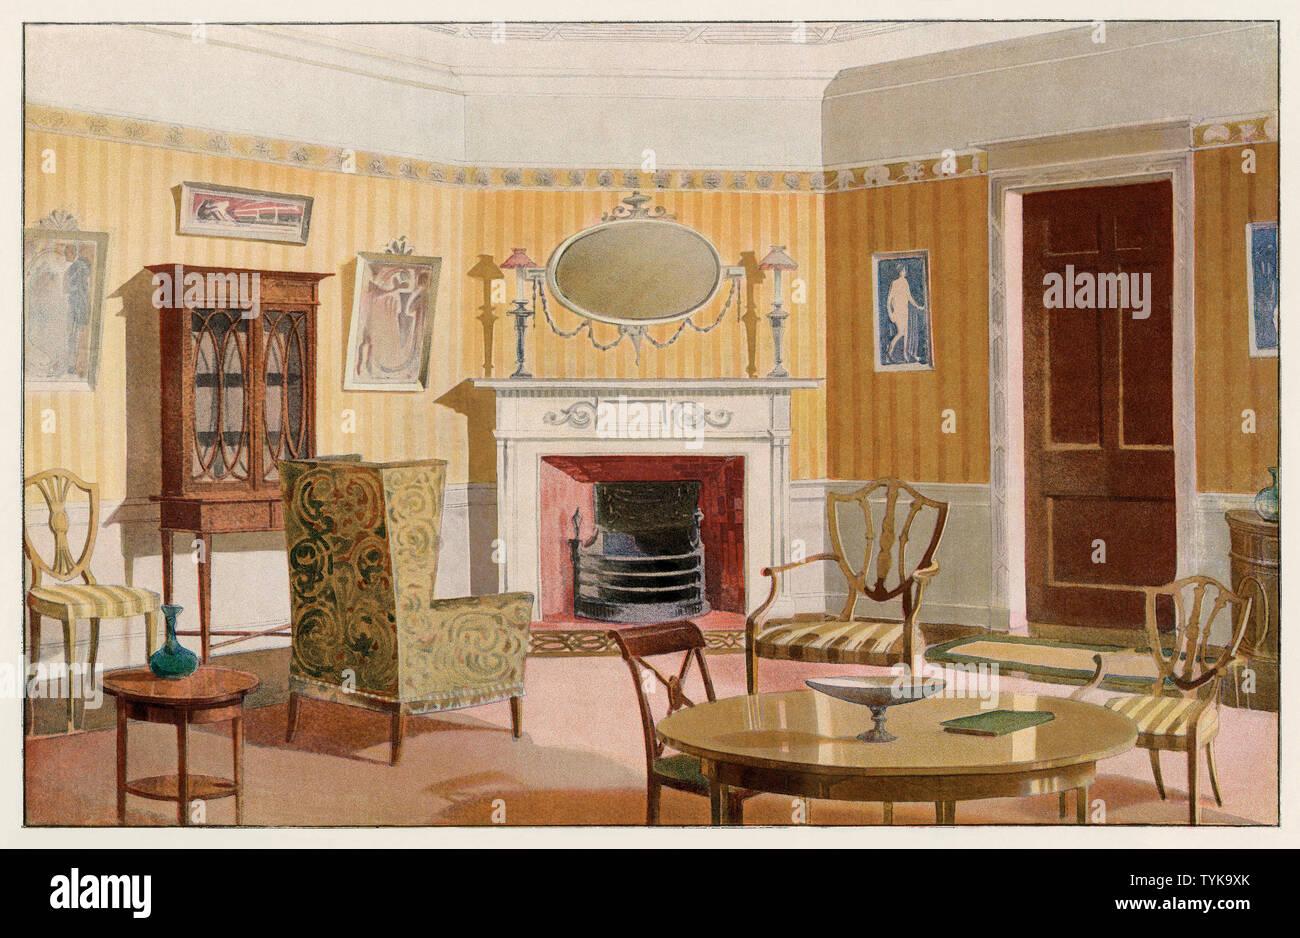 Stuhl 9 Design Stockfotos und -bilder Kaufen - Alamy